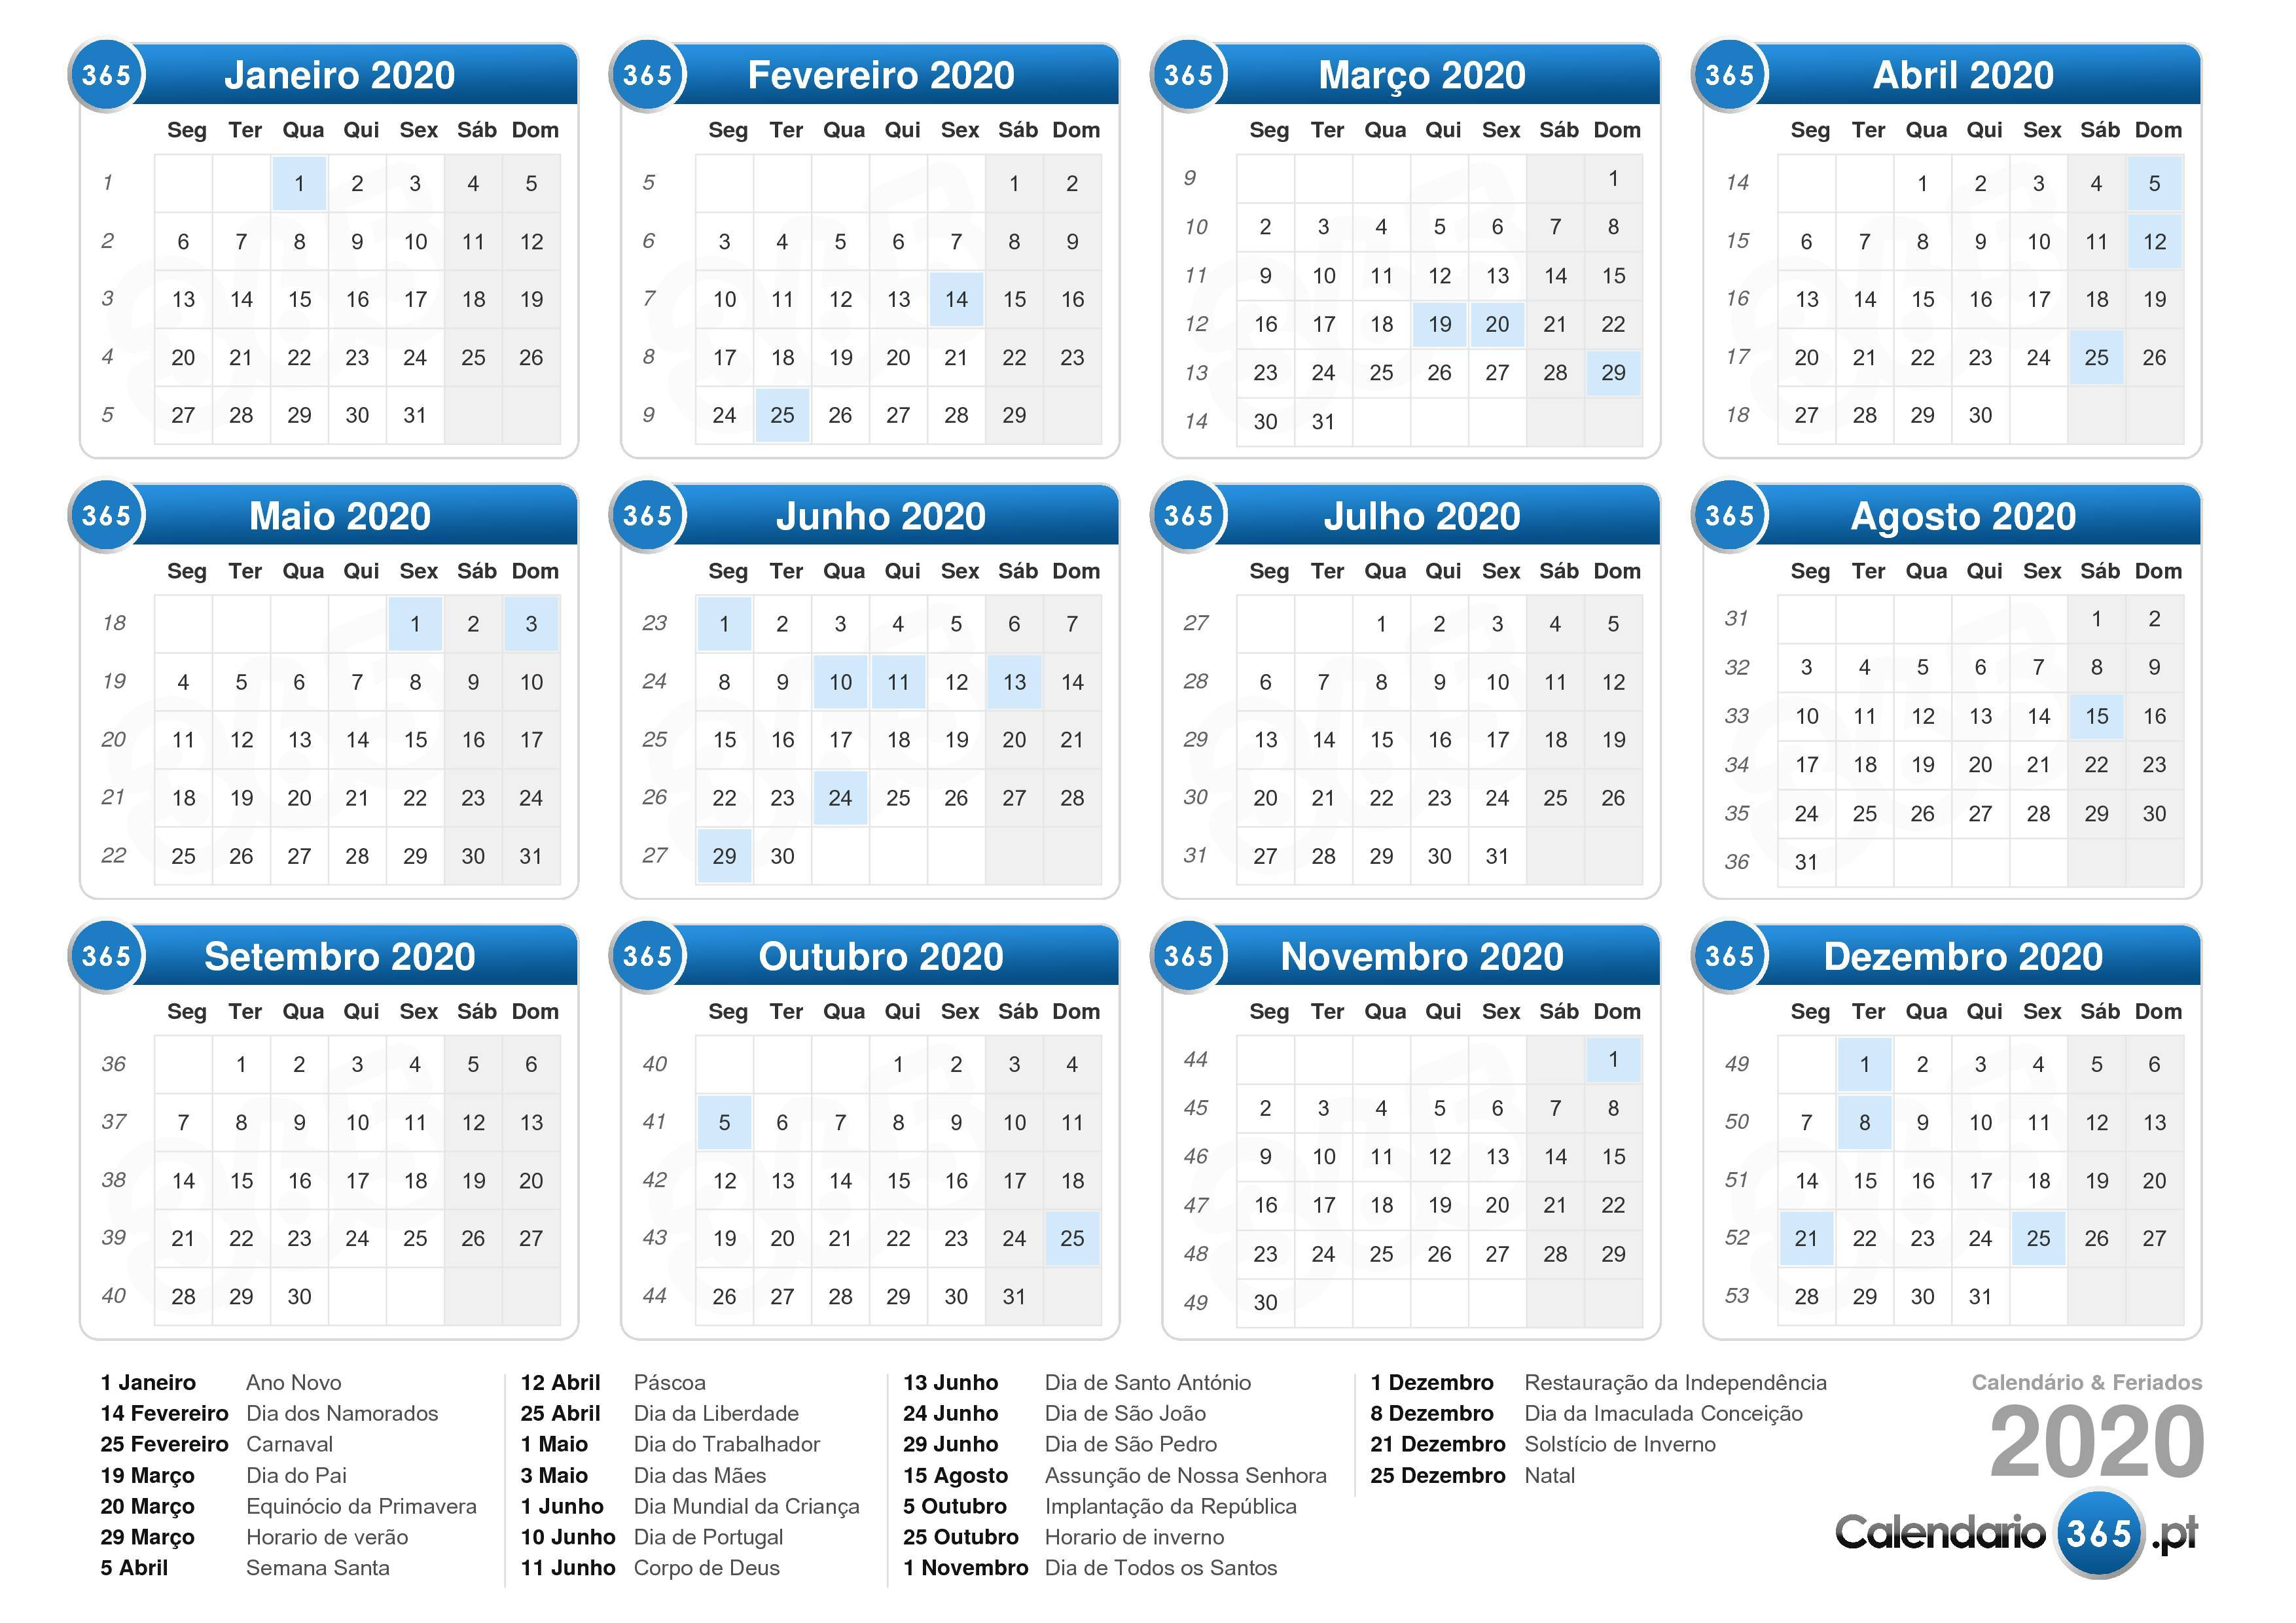 Verificacion calendario 2020